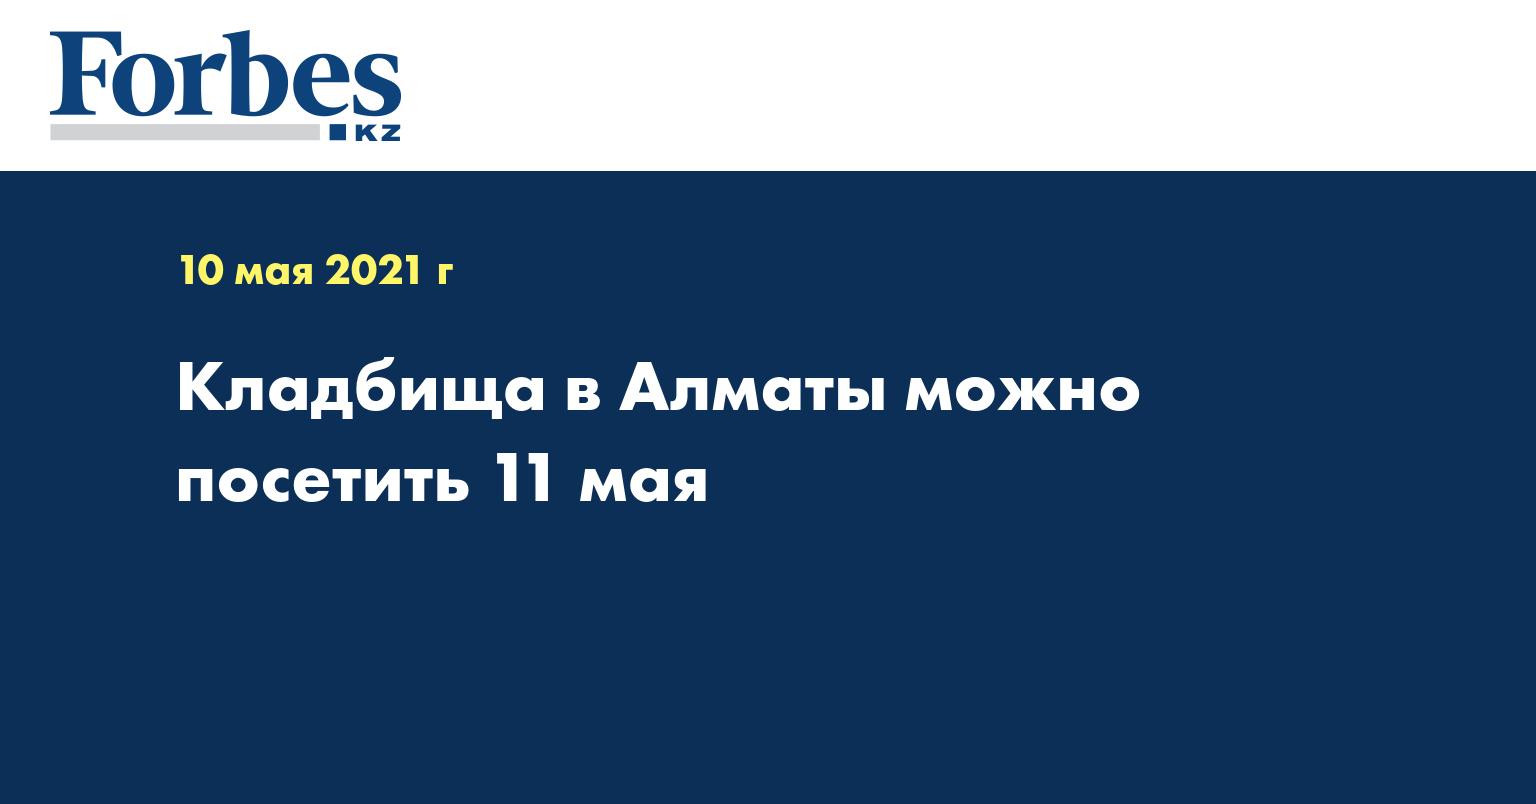 Кладбища в Алматы можно посетить 11 мая